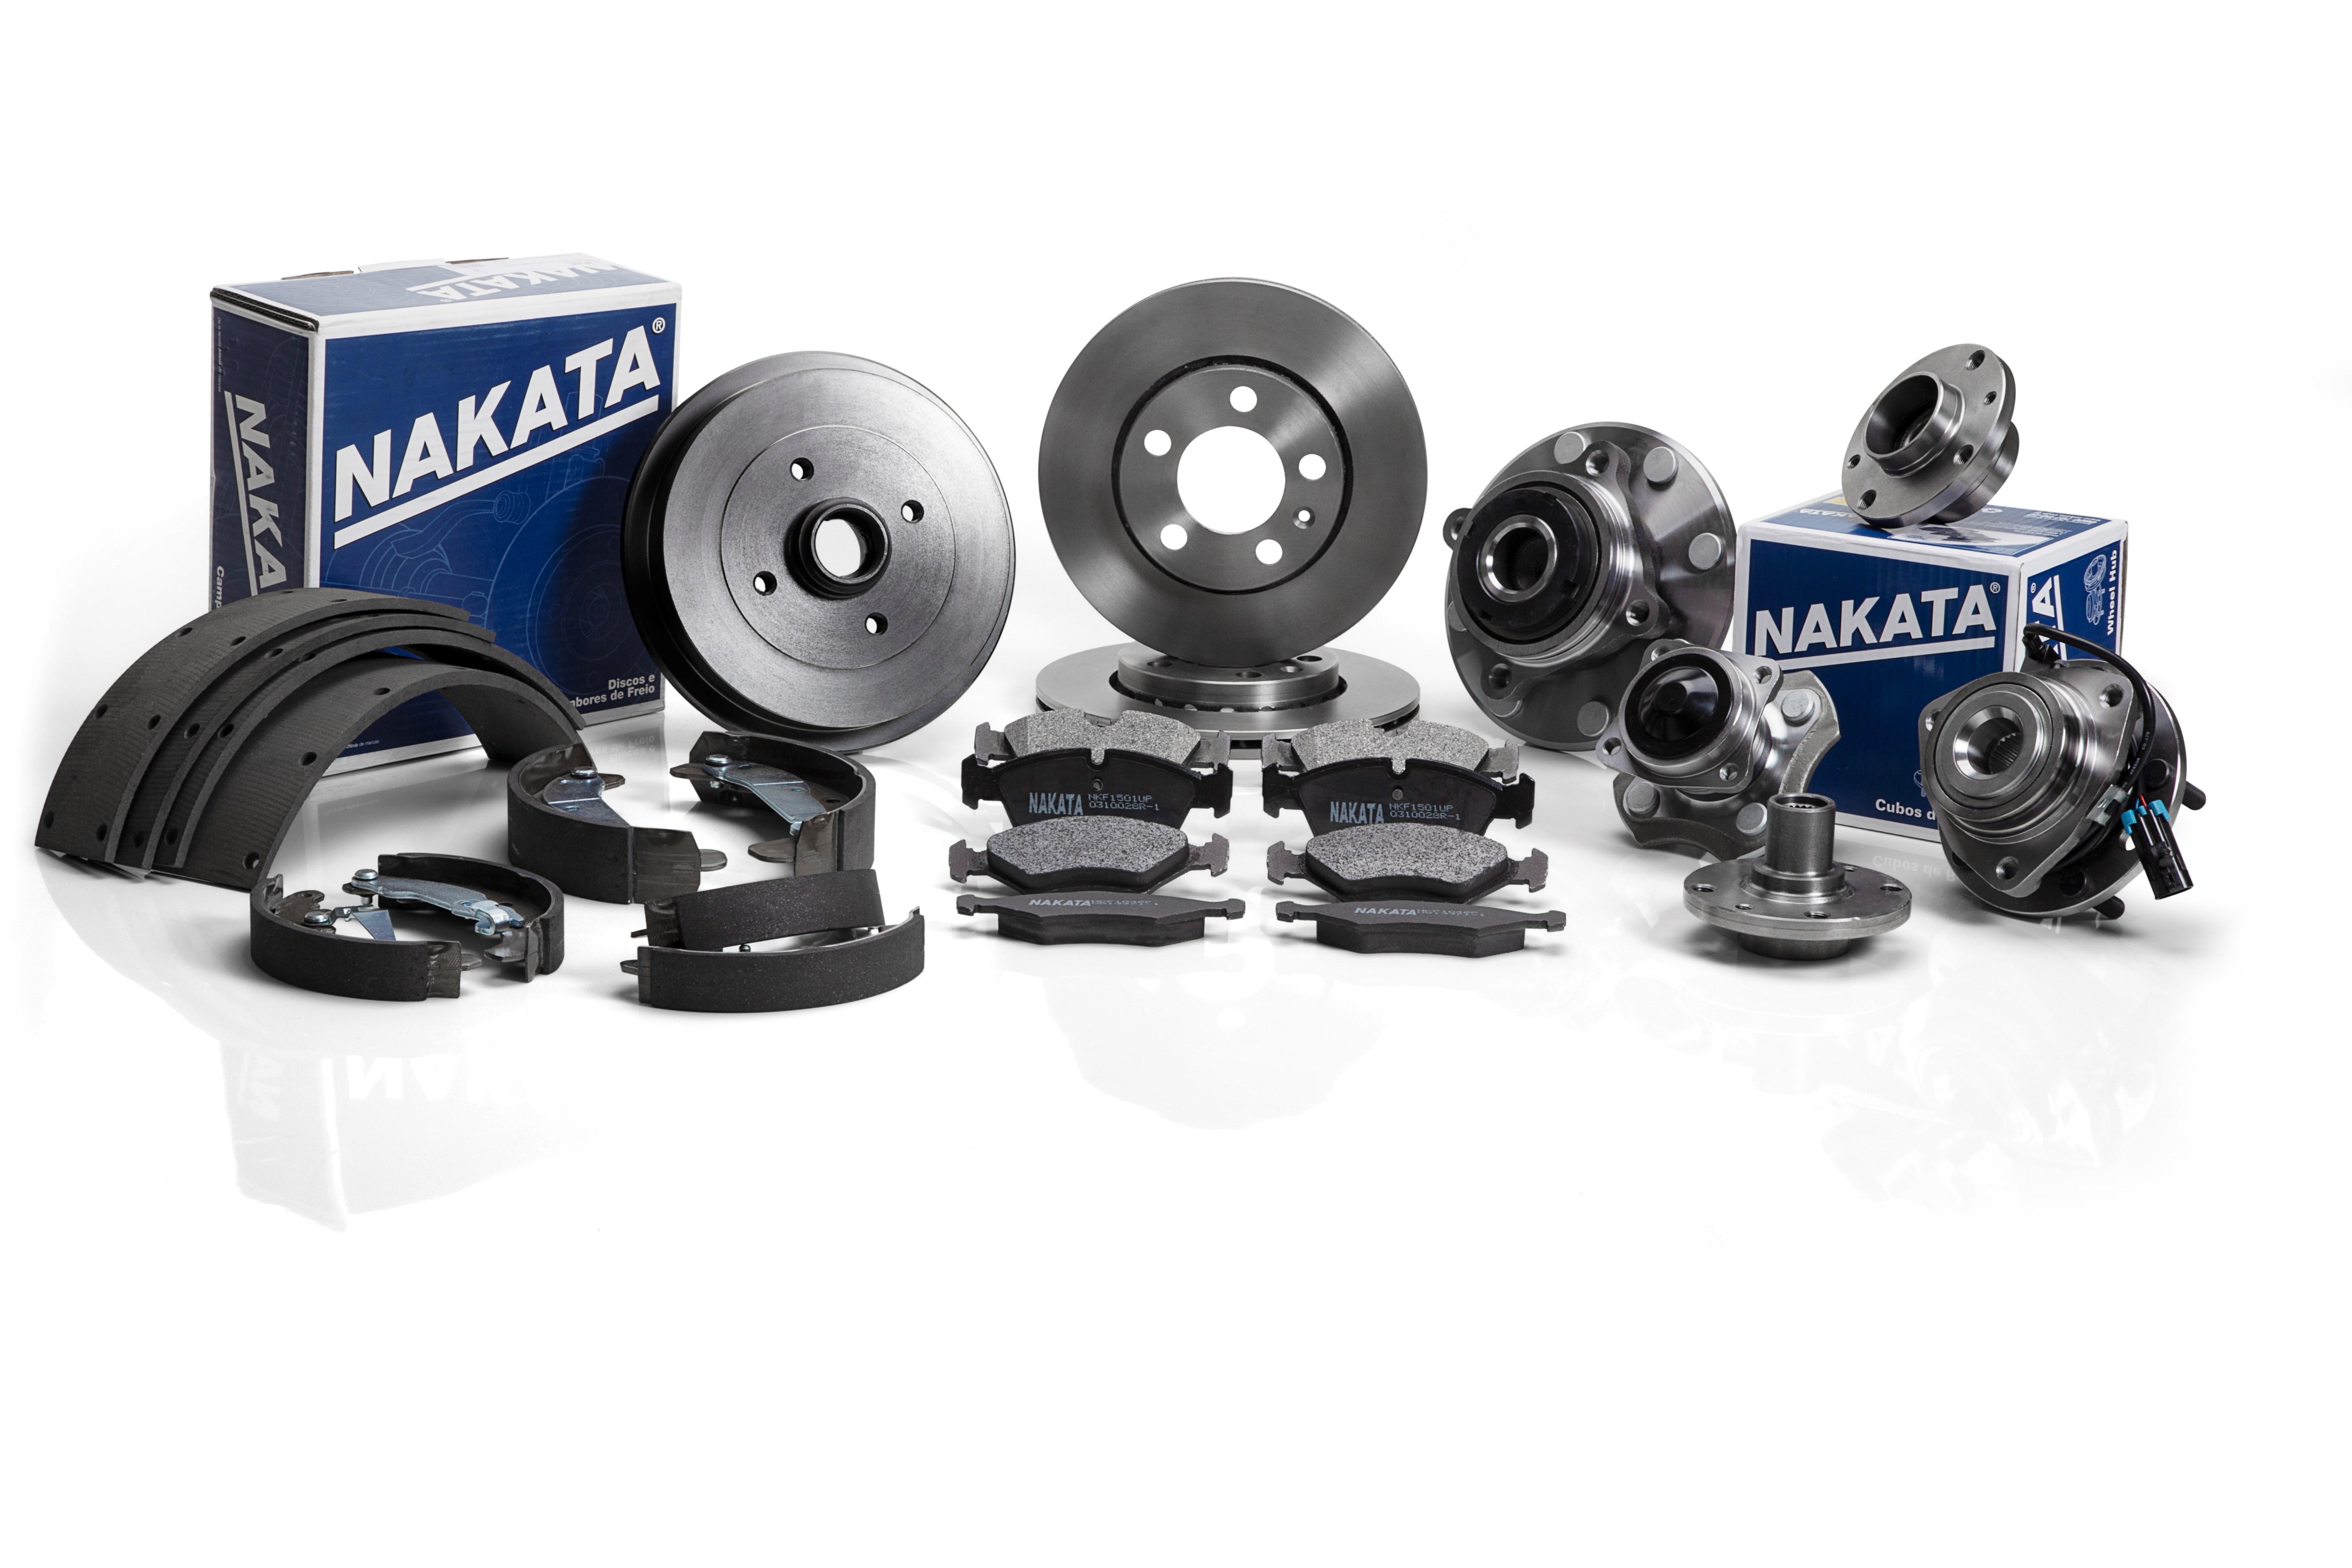 Nakata lança novos itens na linha freios para modelos da Citroën, Fiat, Ford, Hyundai, Peugeot e Toyota